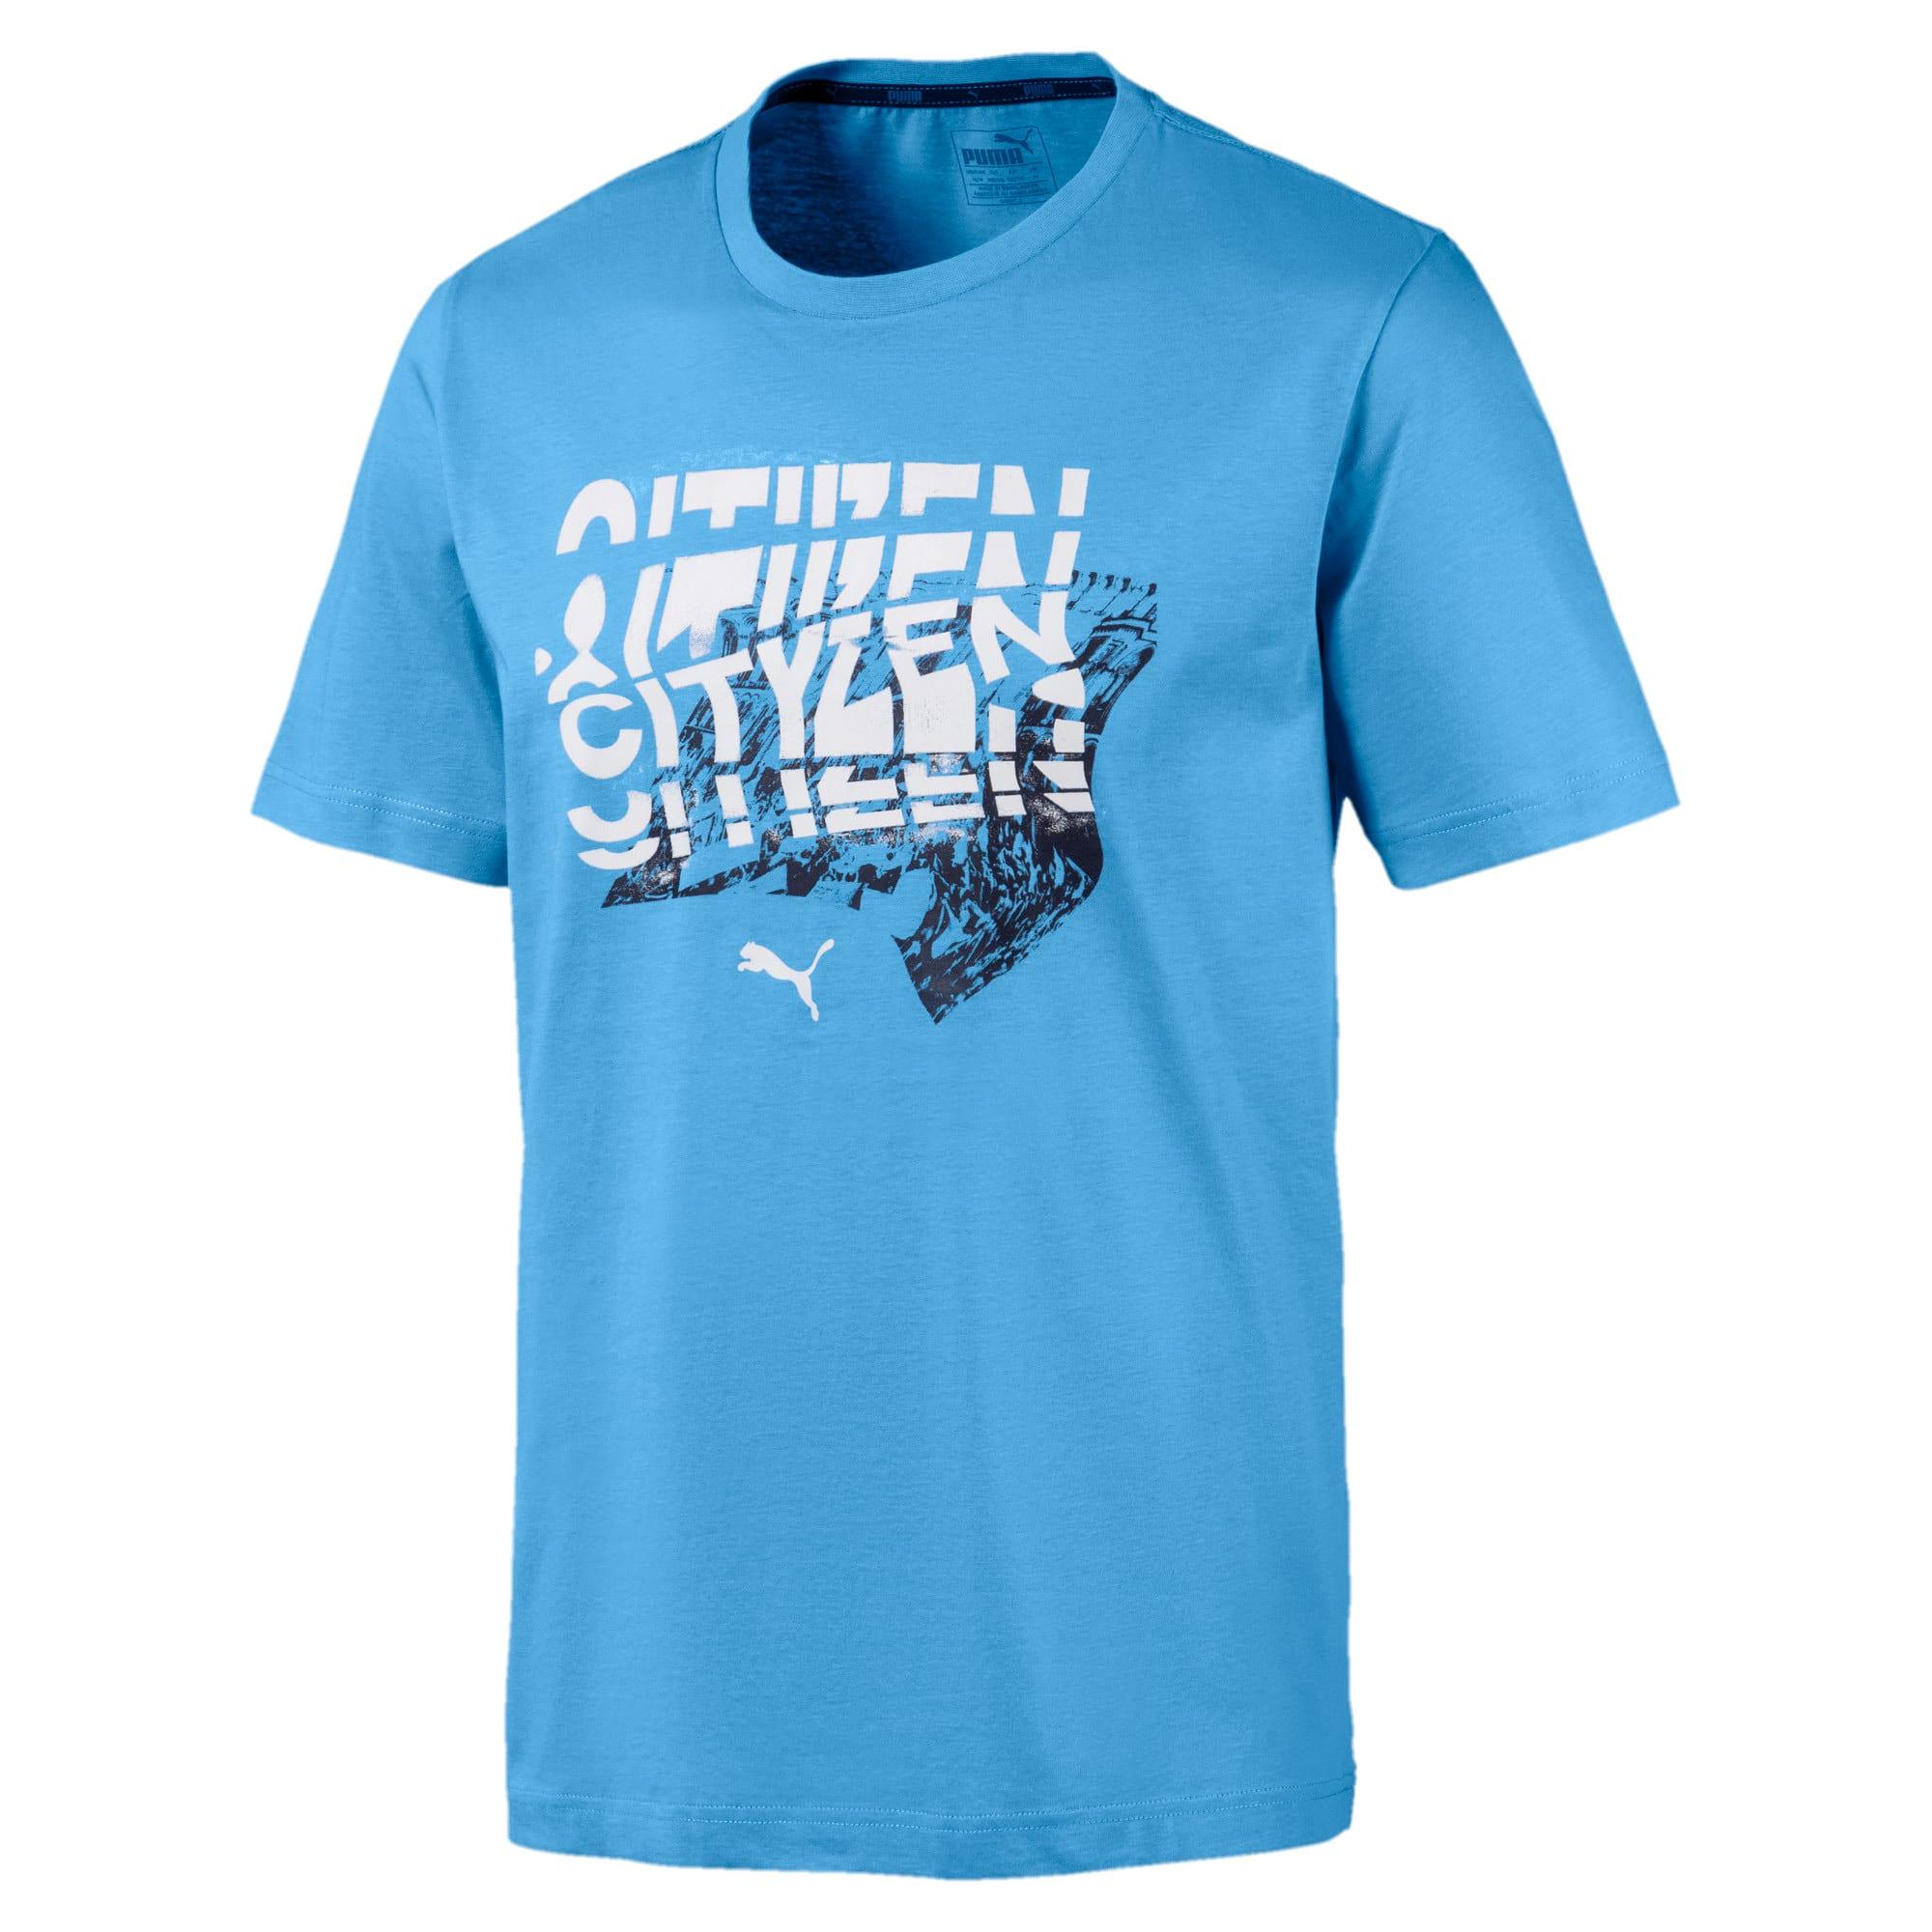 Miniatura 1 de Camiseta Manchester City FC estampada para hombre, Team Light Blue, mediano